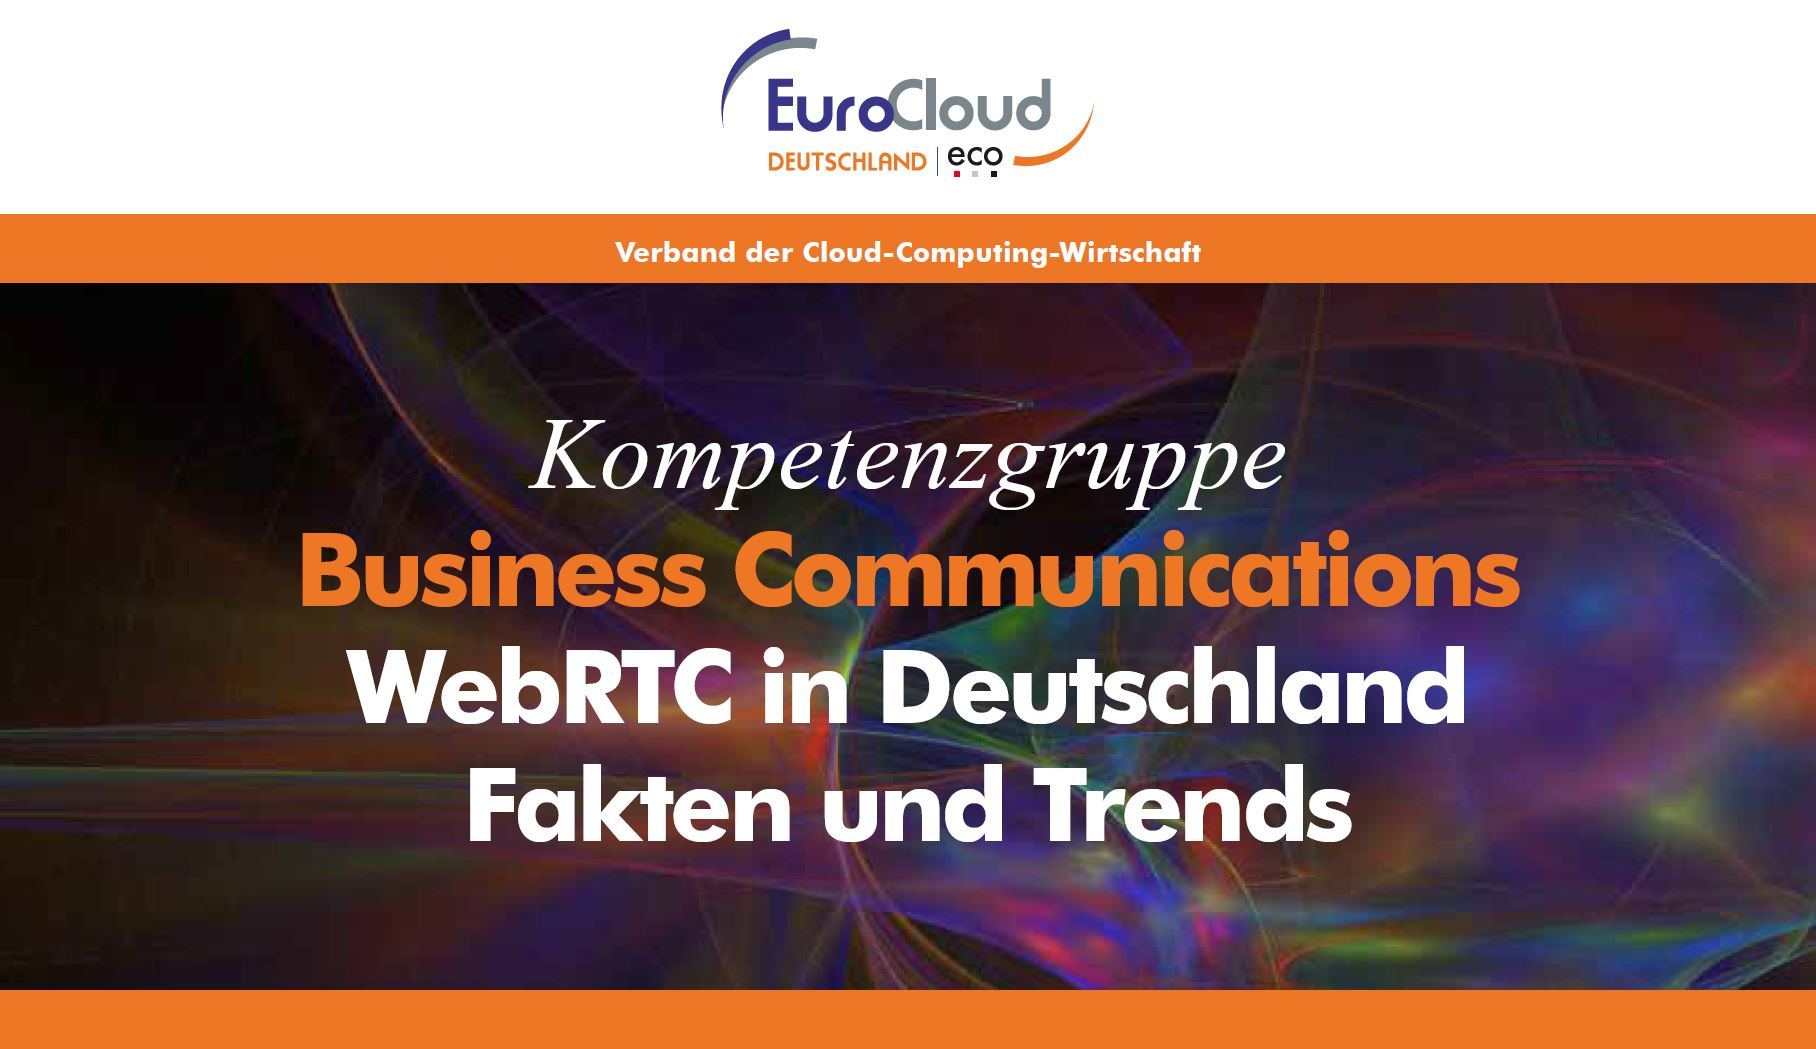 Leitfaden: WebRTC in Deutschland Fakten und Trends